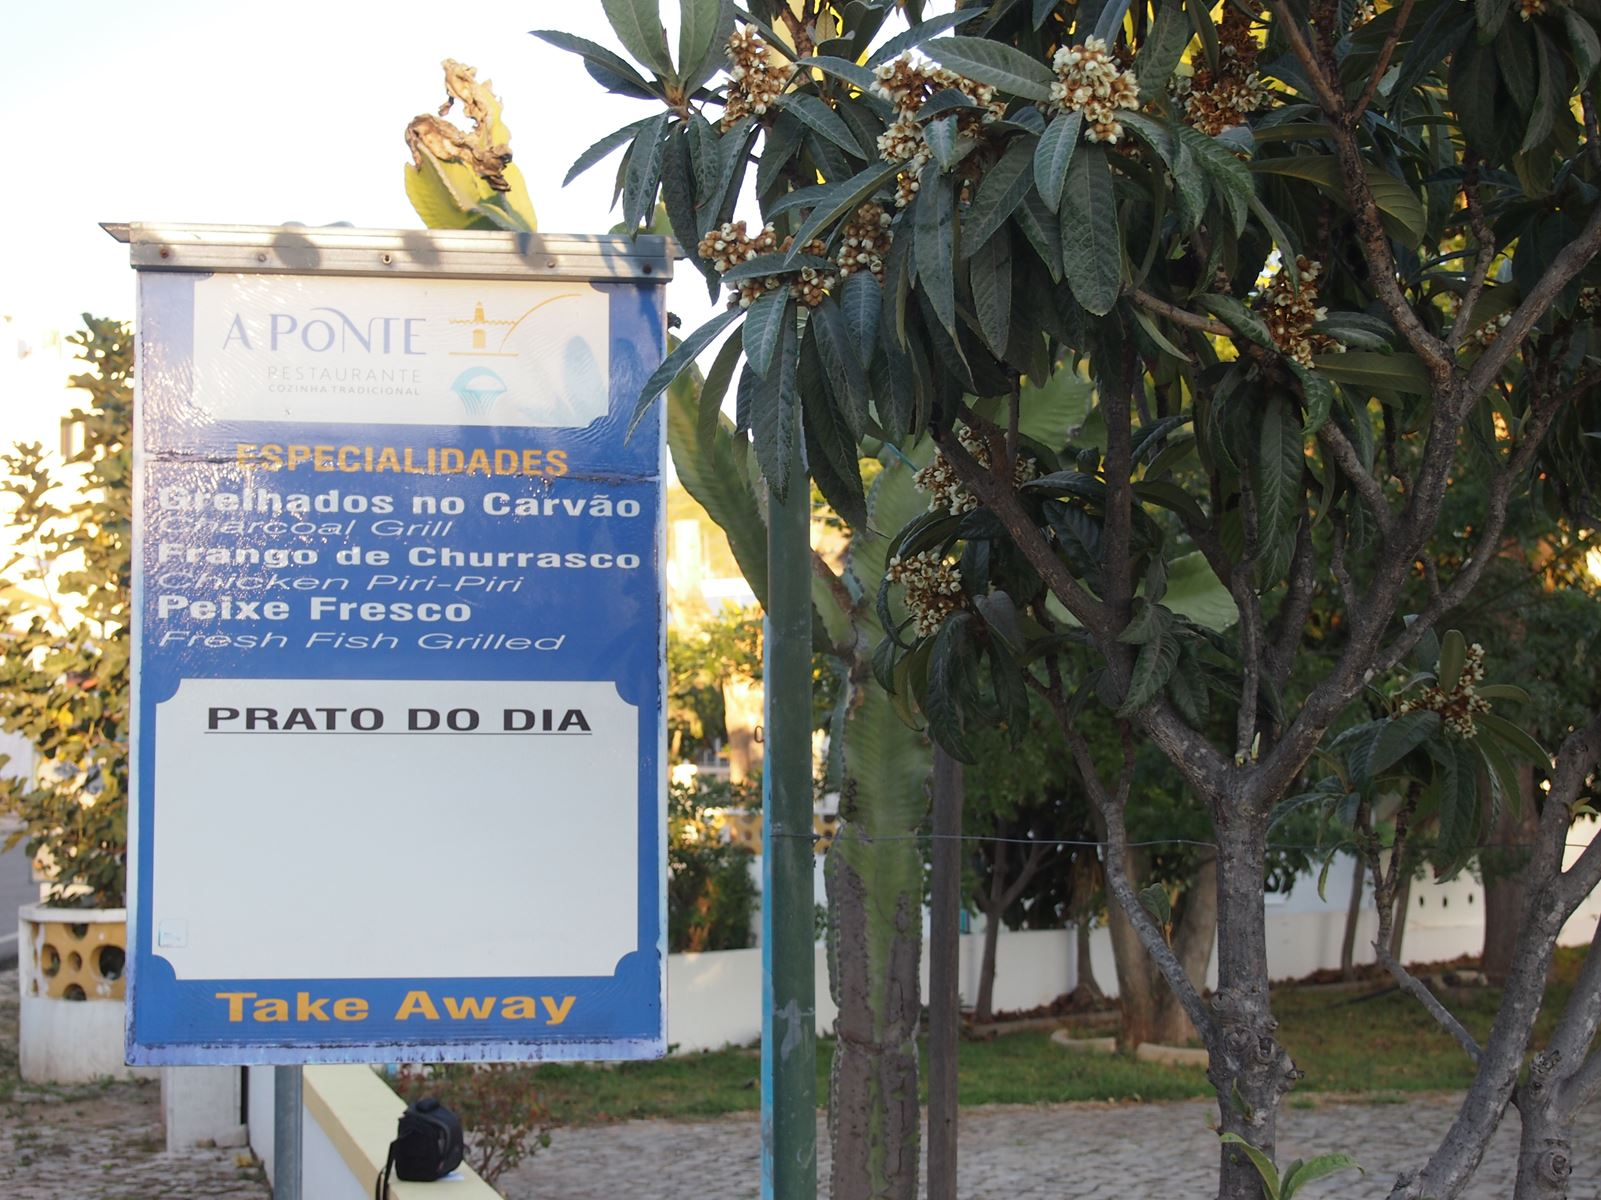 Restaurante A Ponte, Alte, Algarve